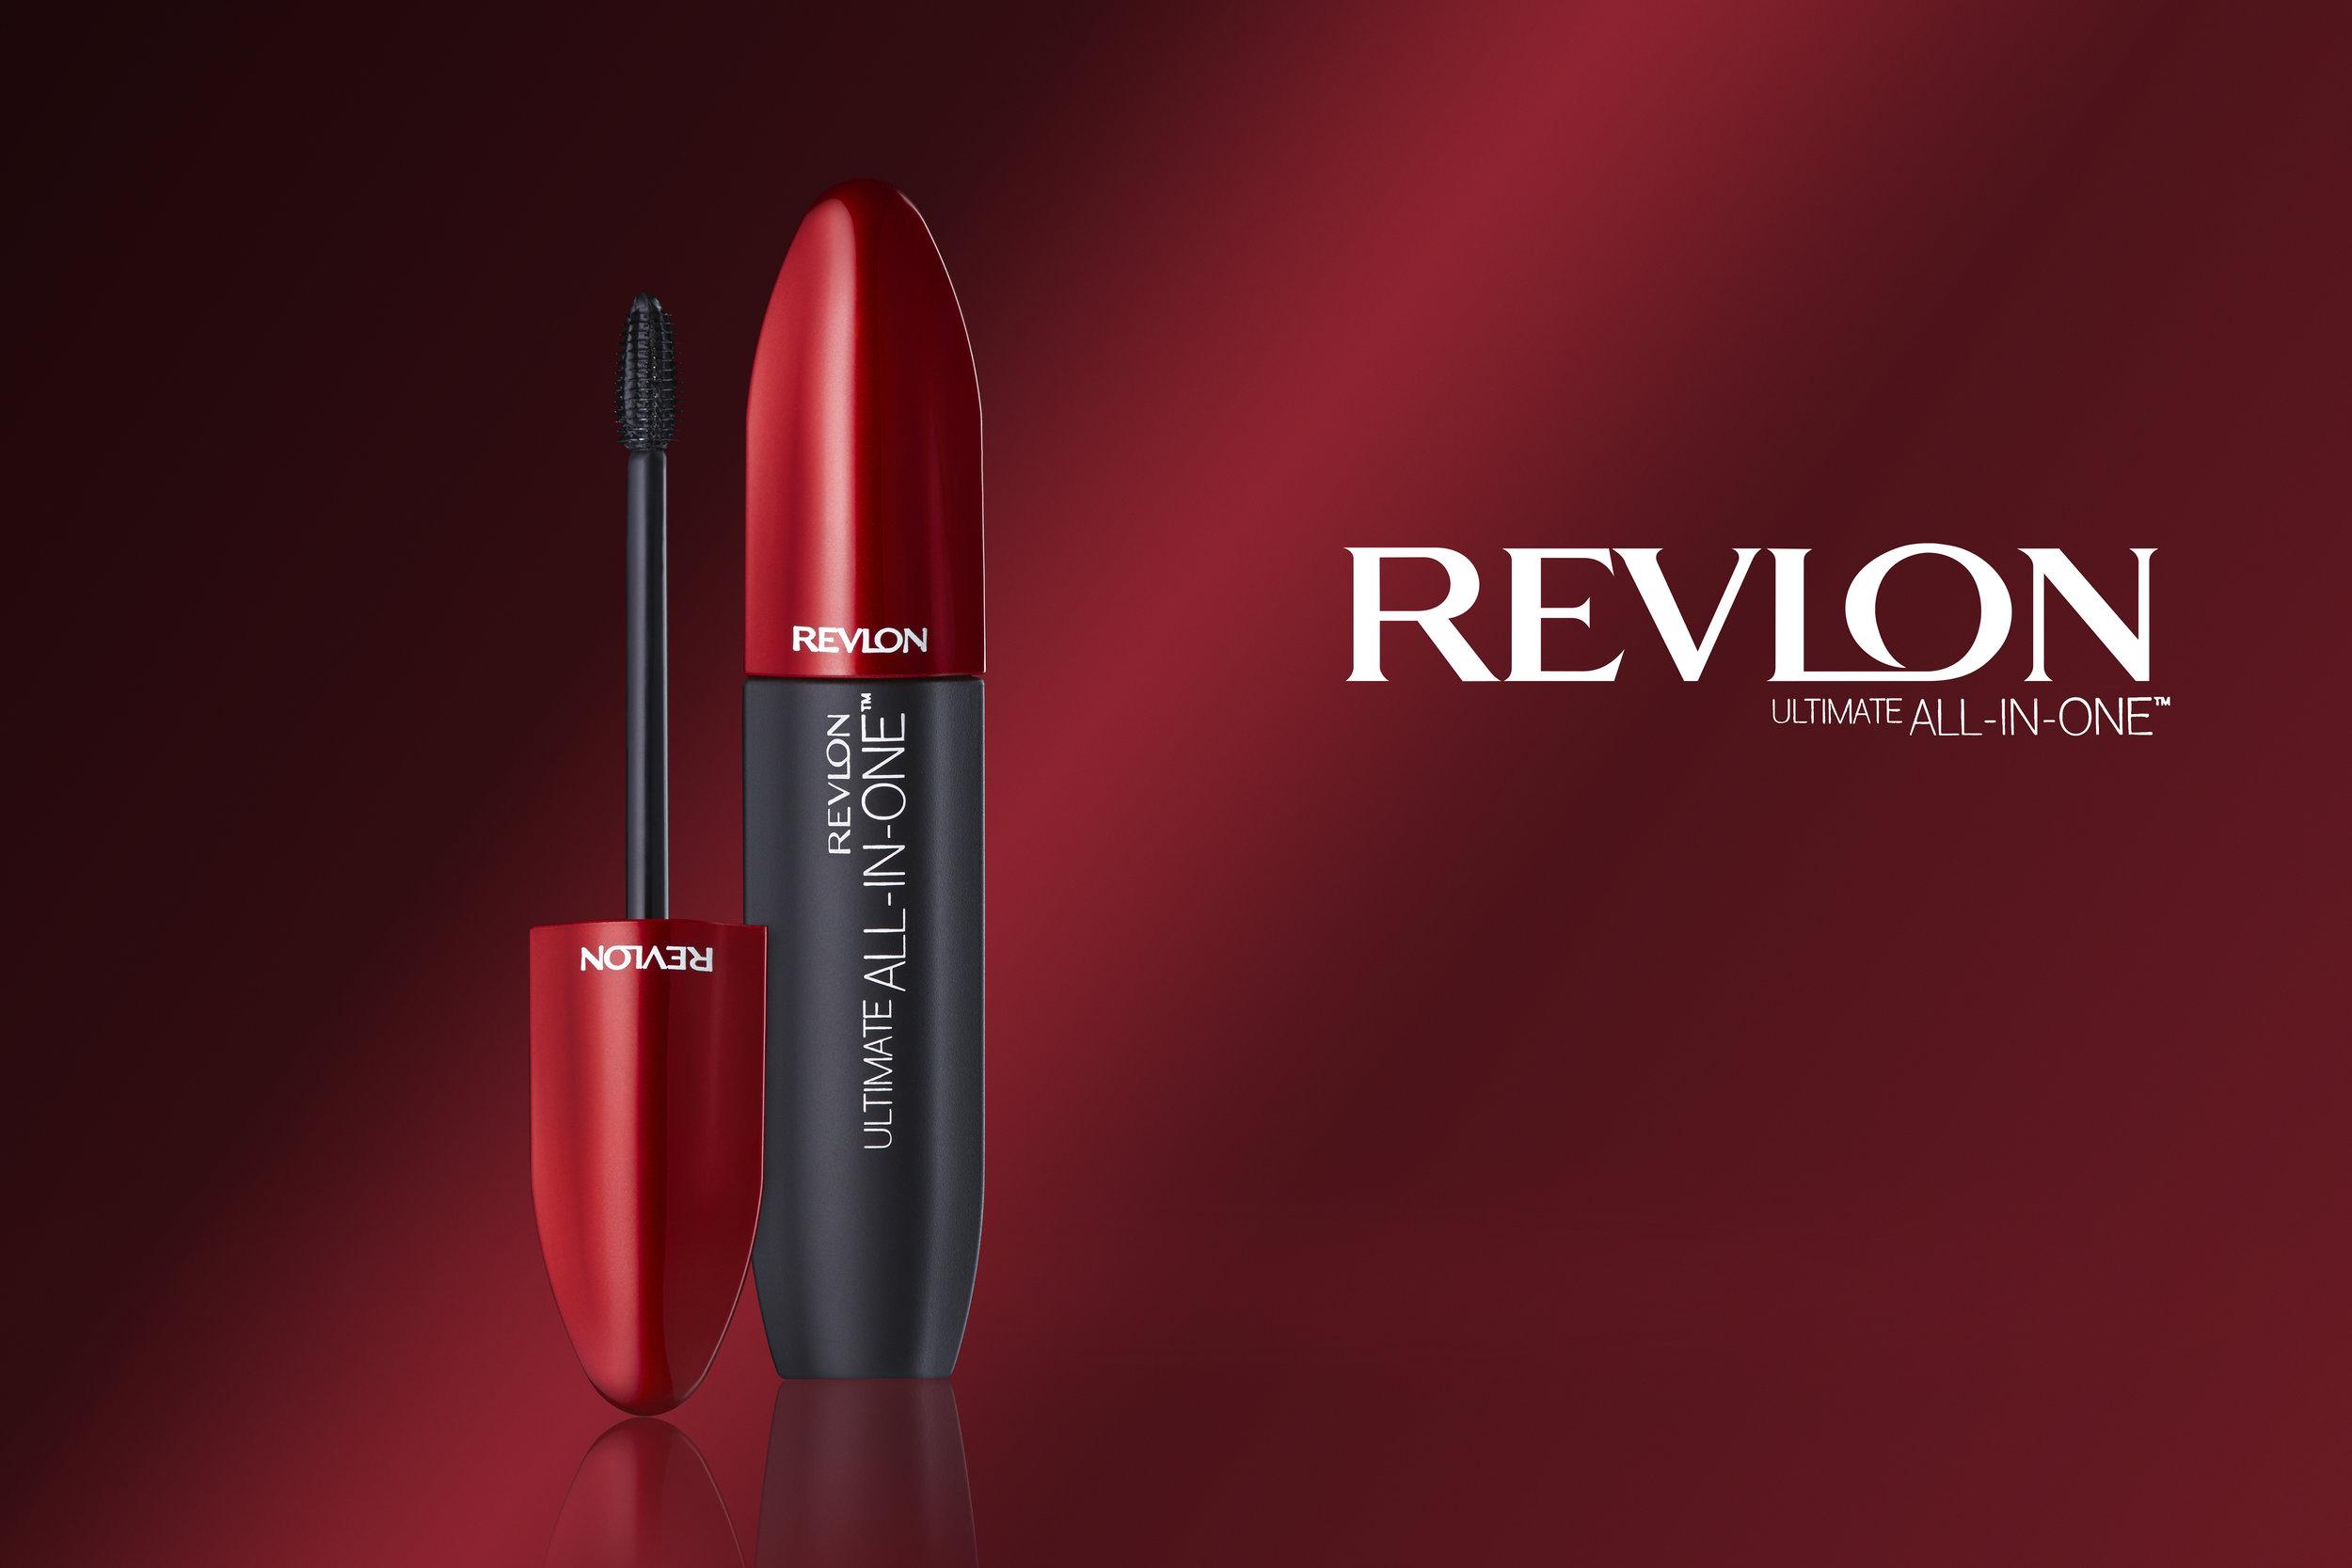 REVLON_Red Masscara_MASTER.jpg